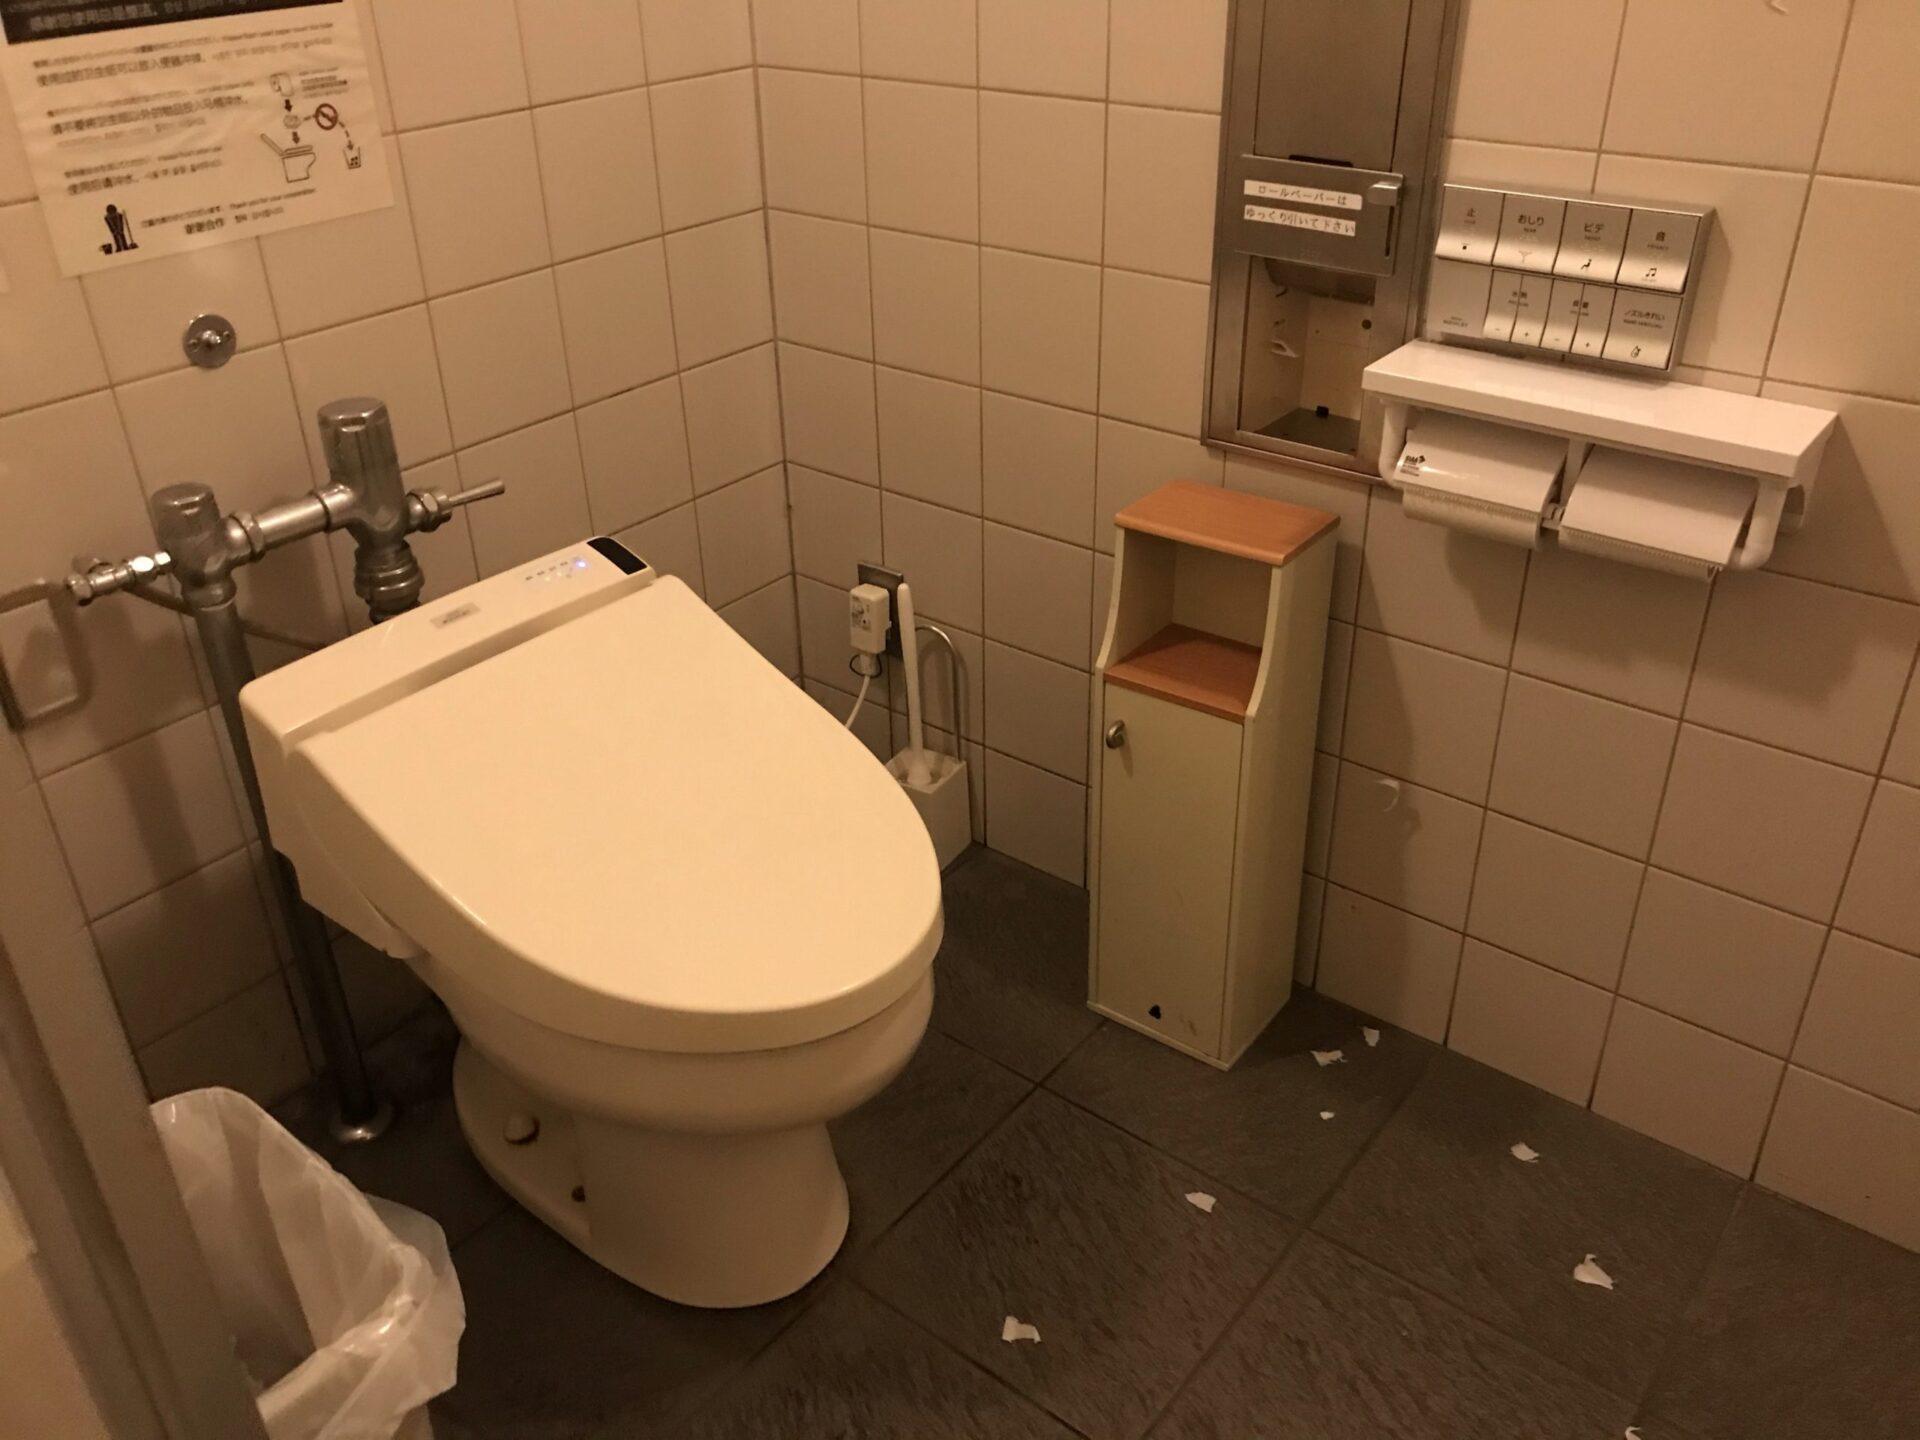 道の駅びえい白金ビルケの女子トイレは綺麗だがゴミが散乱していた